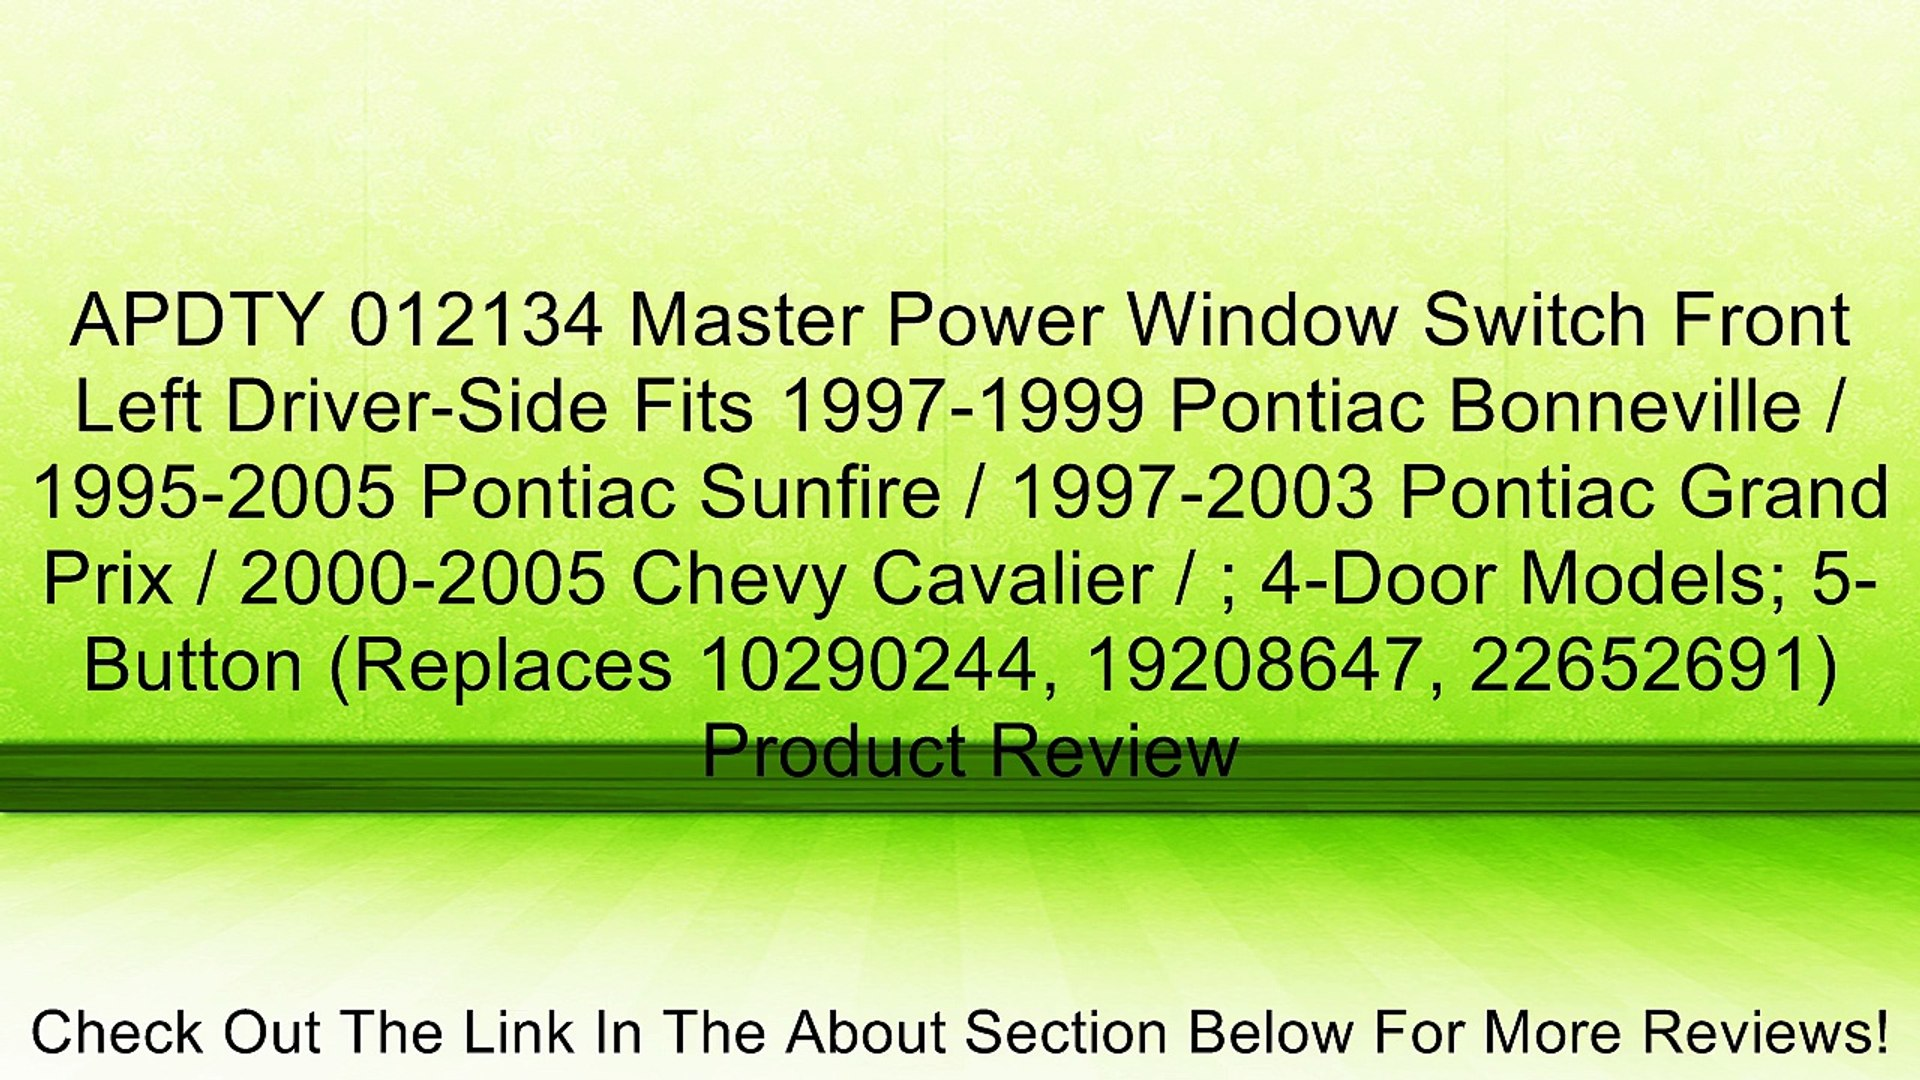 1995-2005 Pontiac Sunfire APDTY 012134 Master Power Window Switch Front Left Driver-Side Fits 1997-1999 Pontiac Bonneville 2000-2005 Chevy Cavalier Replaces 10290244, 19208647, 22652691 1997-2003 Pontiac Grand Prix ; 4-Door Models; 5-Button